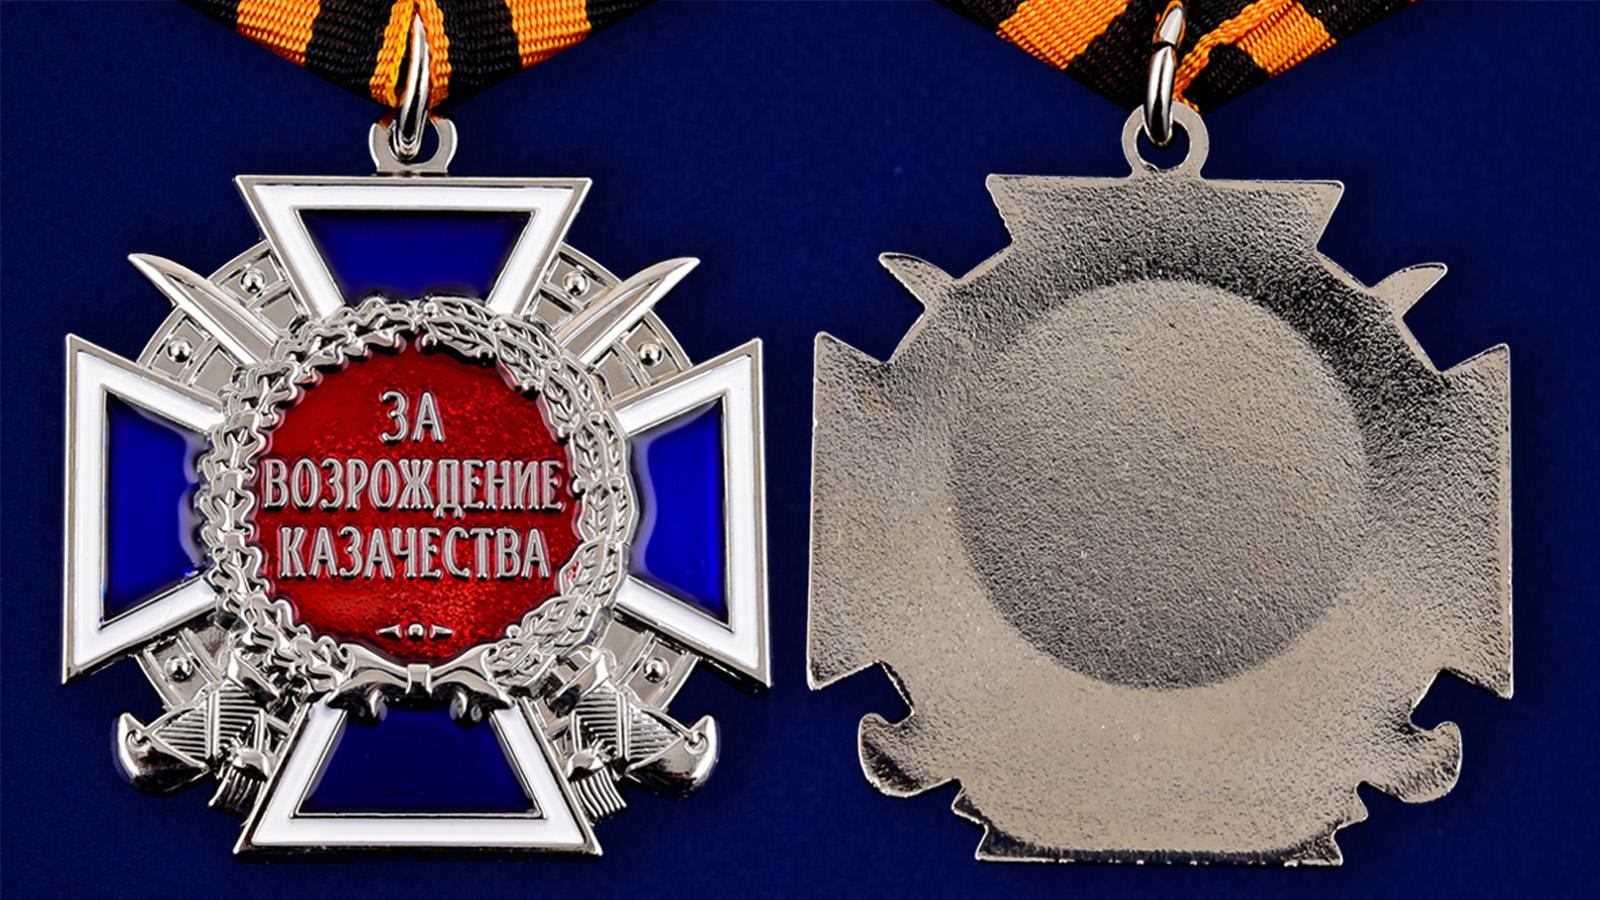 Купить медаль «За возрождение казачества» недорого